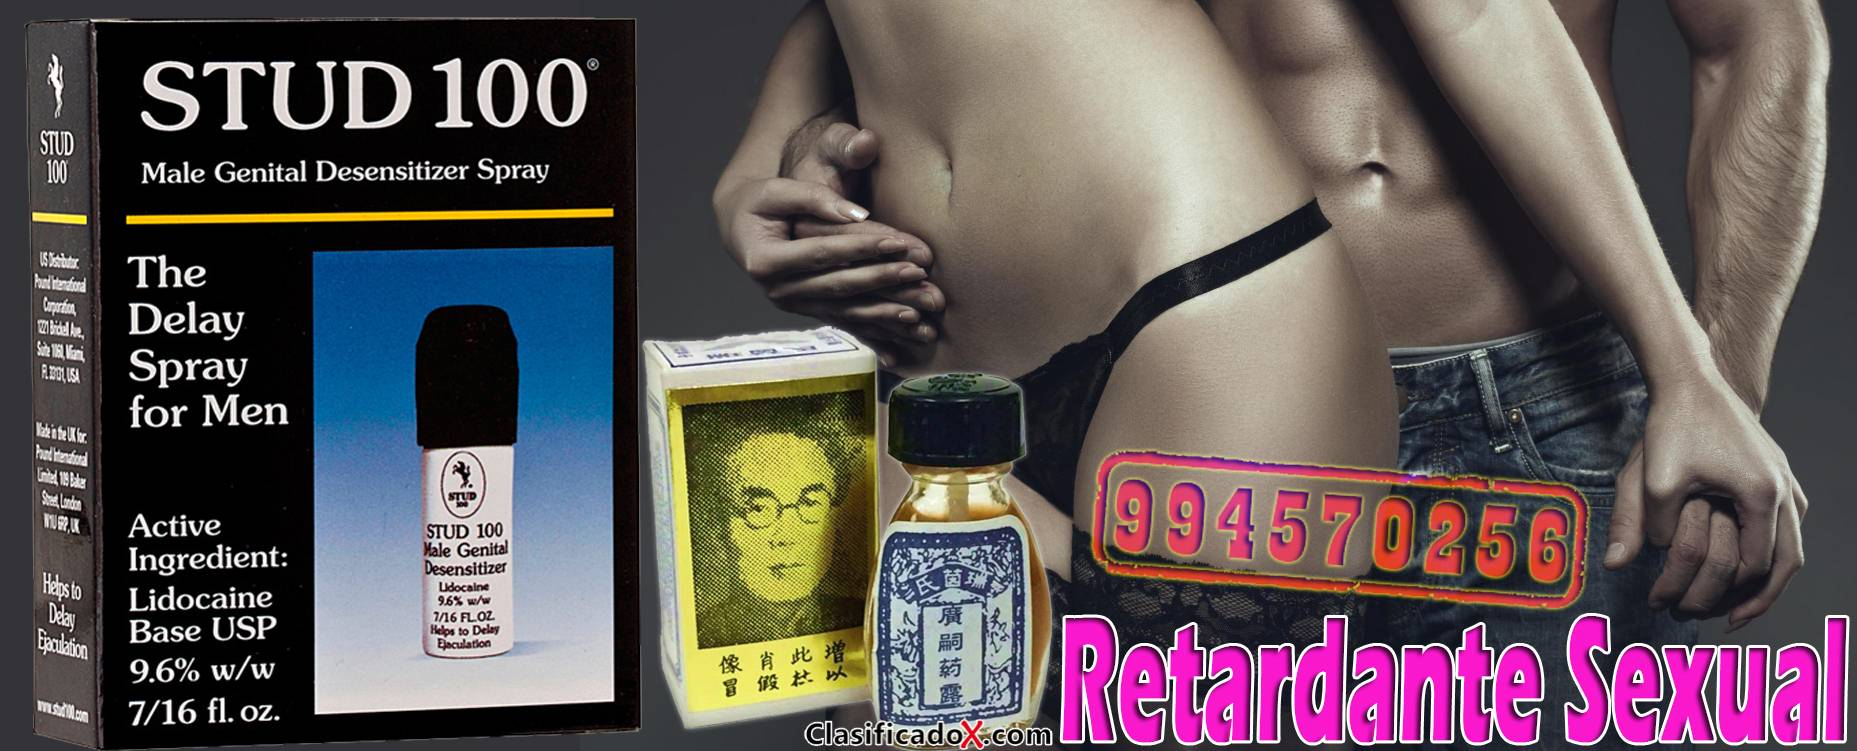 Huevo Tenga Egg Crater - Articulos sexuales sexshop online - juega en pareja vibradores 994570256